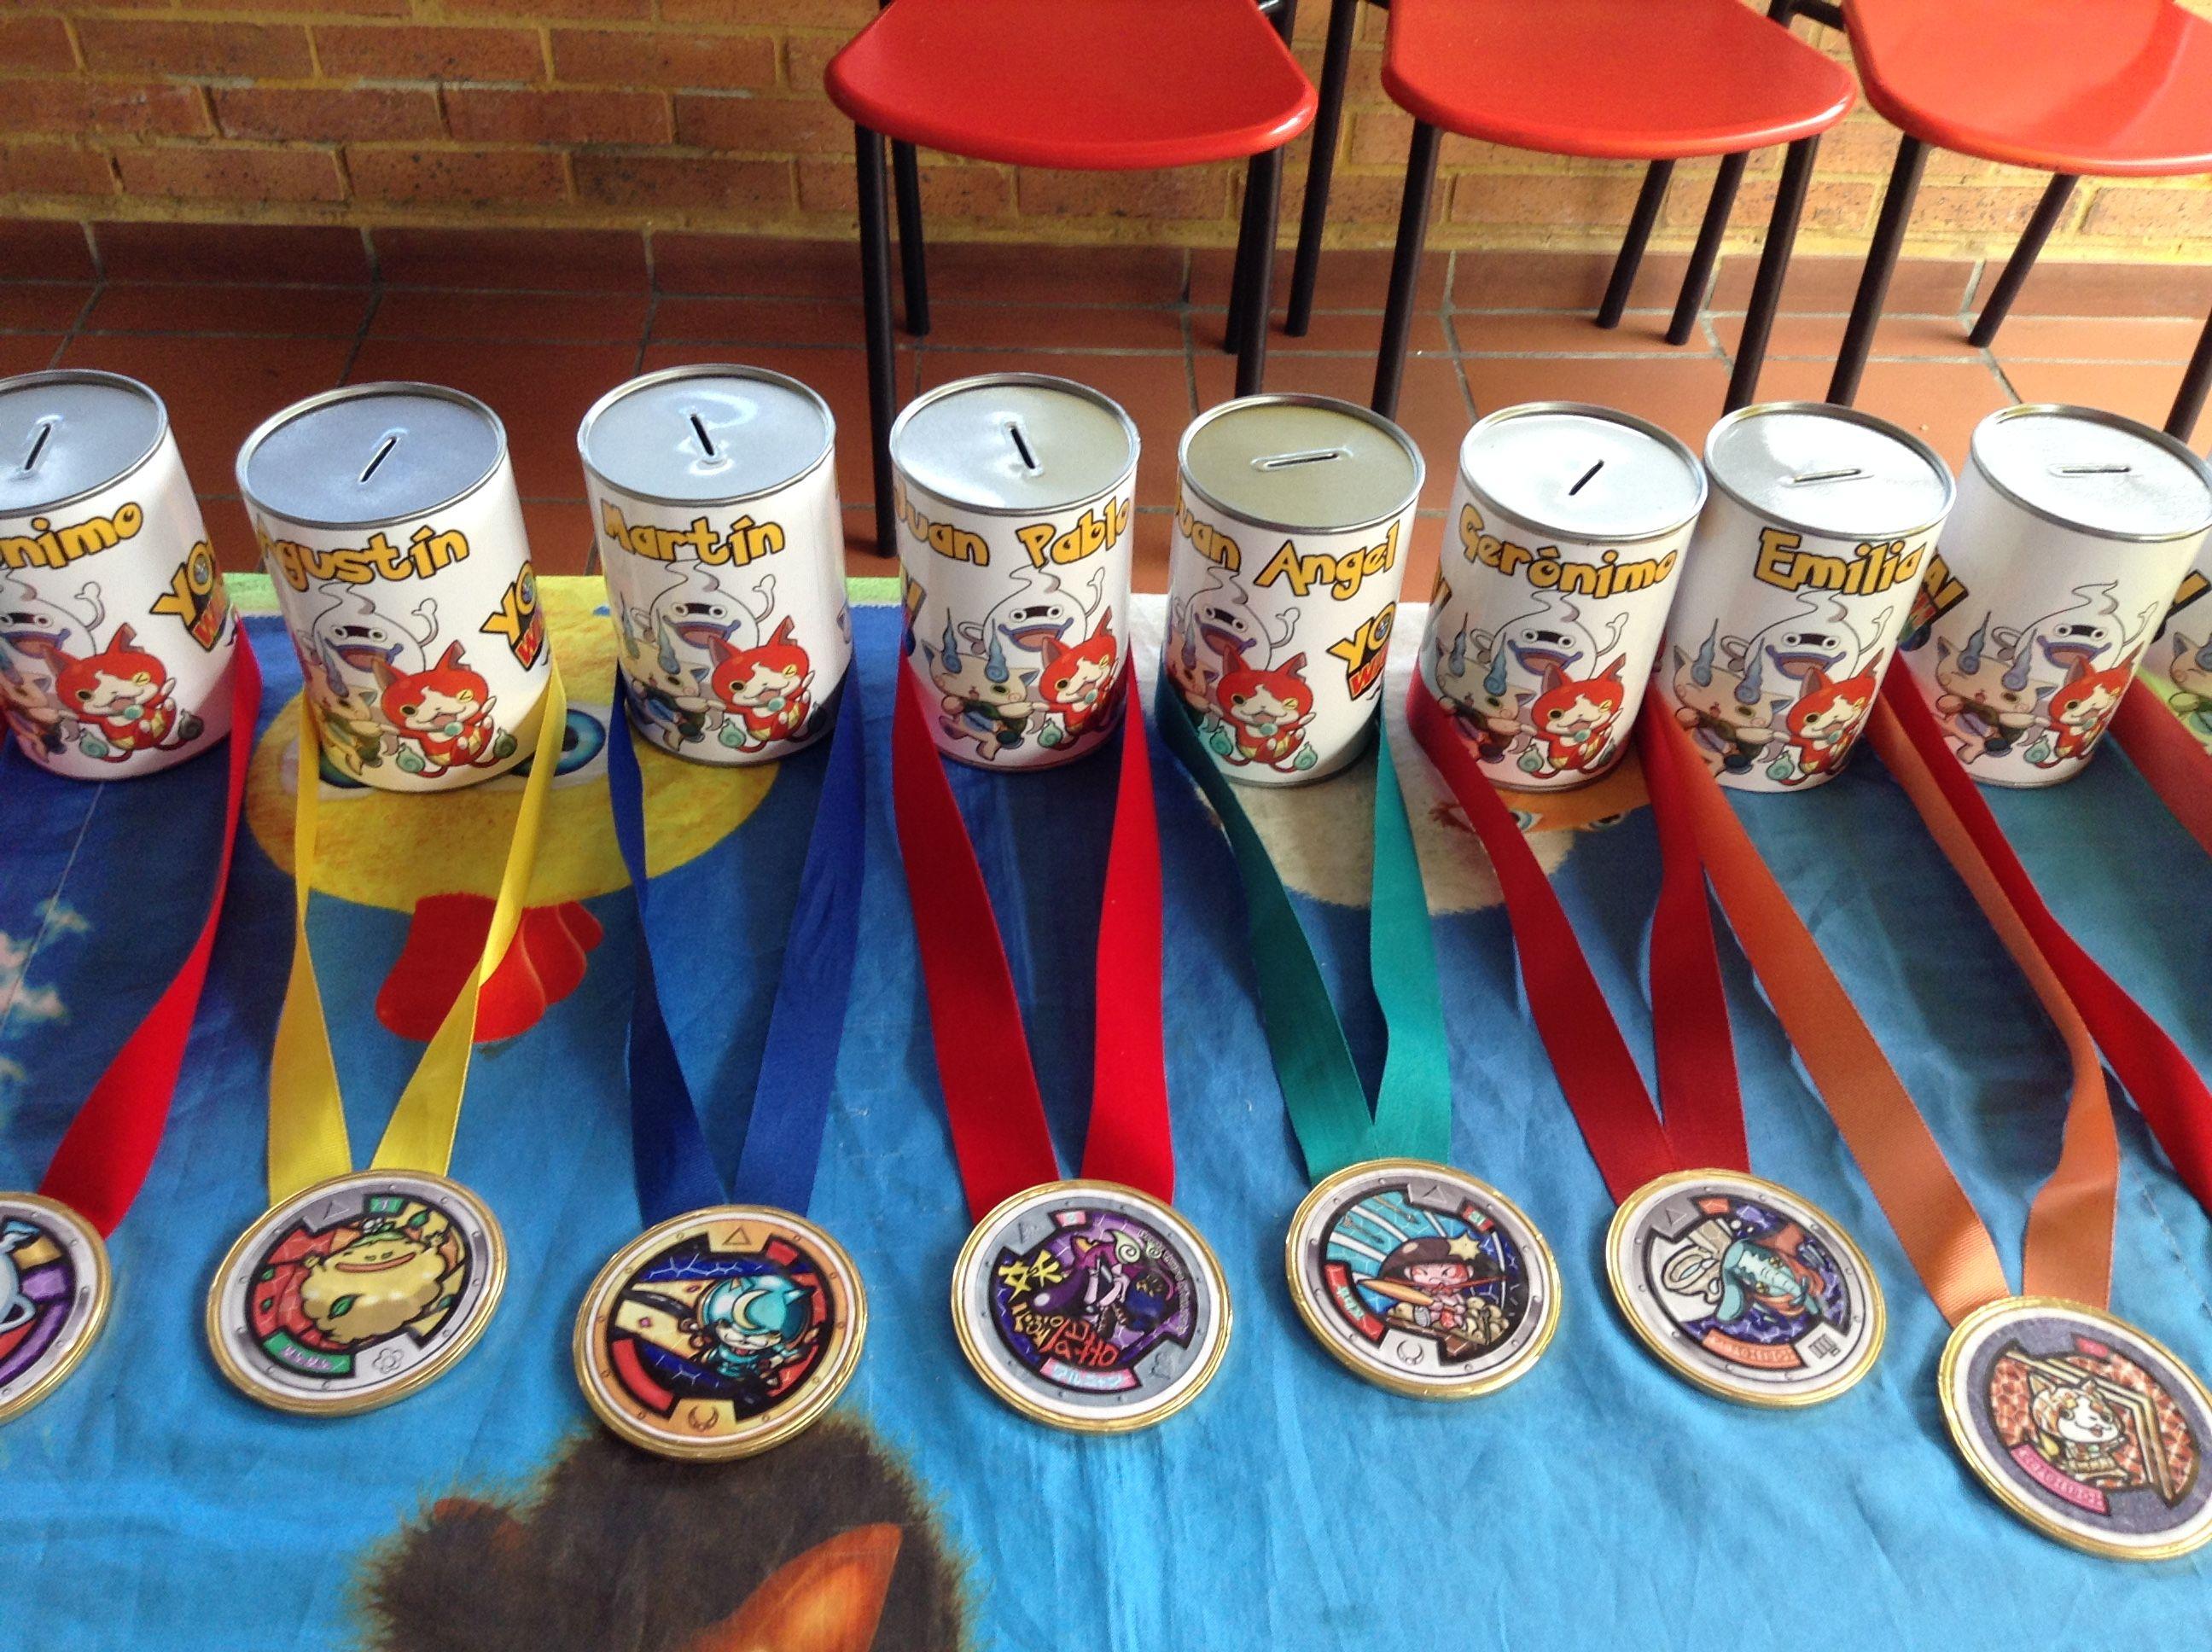 alcancas y medallas de chocolate divino para de fiestas infantiles